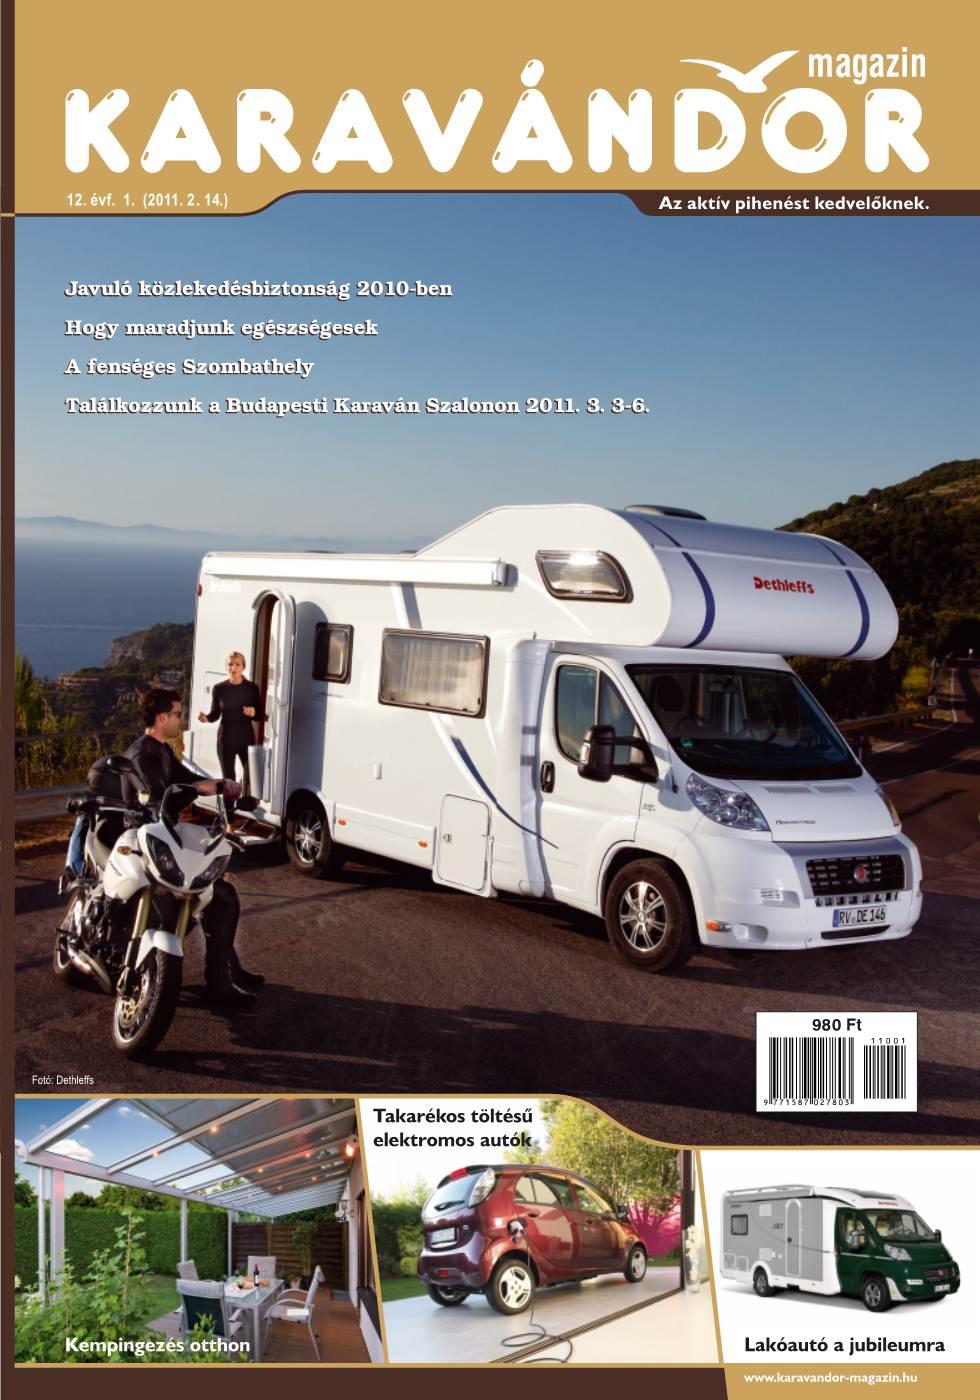 Karavándor magazin 2011. Tavasz